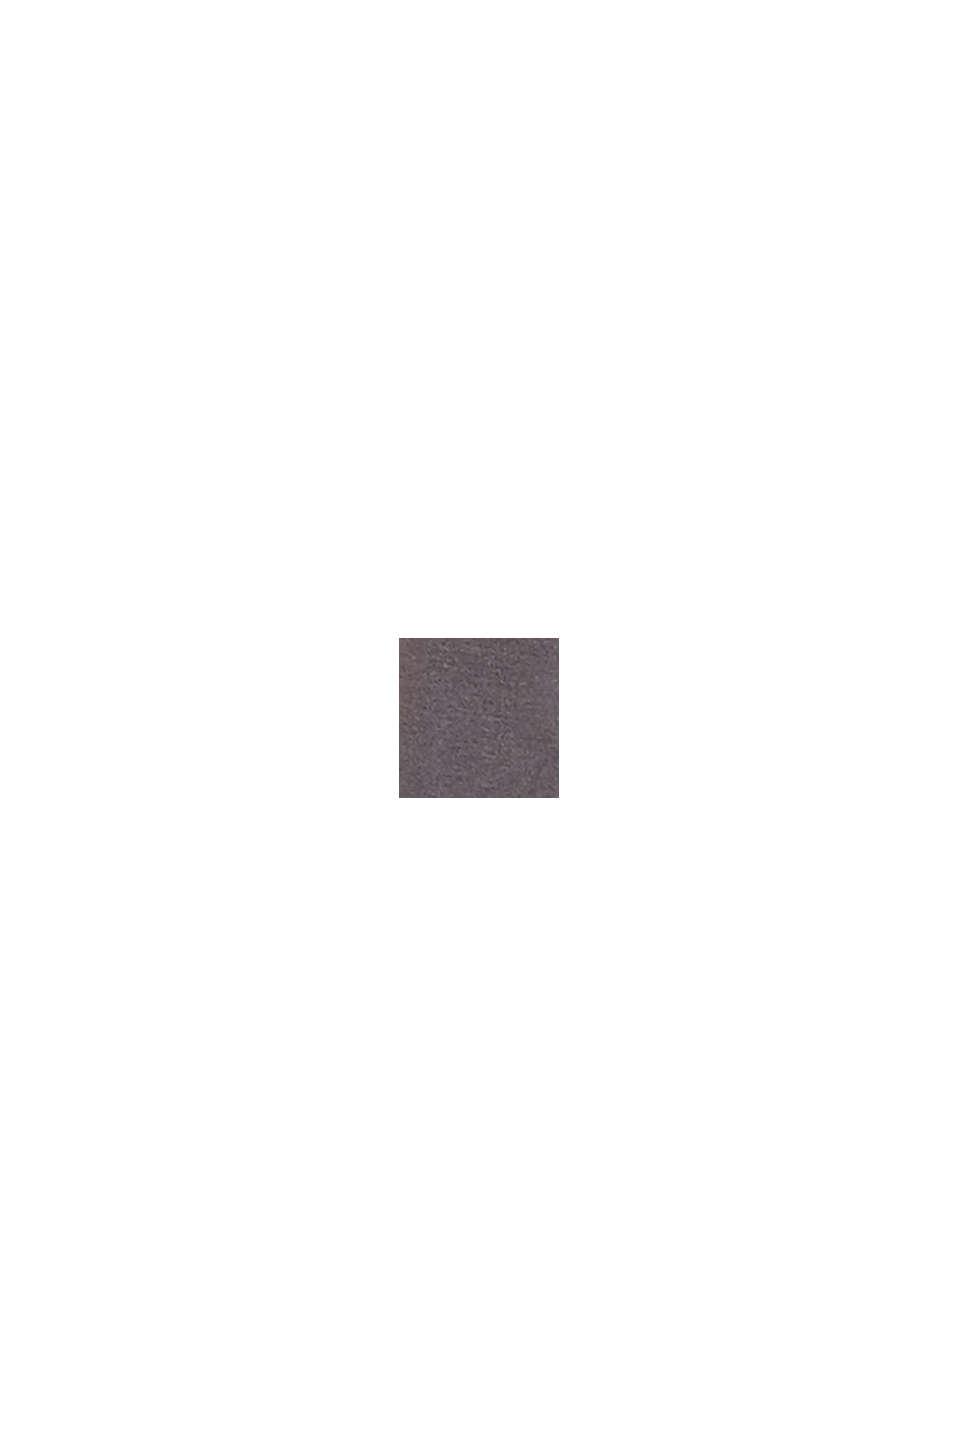 Ondoorzichtige maillot van een katoenmix, STONE GREY, swatch